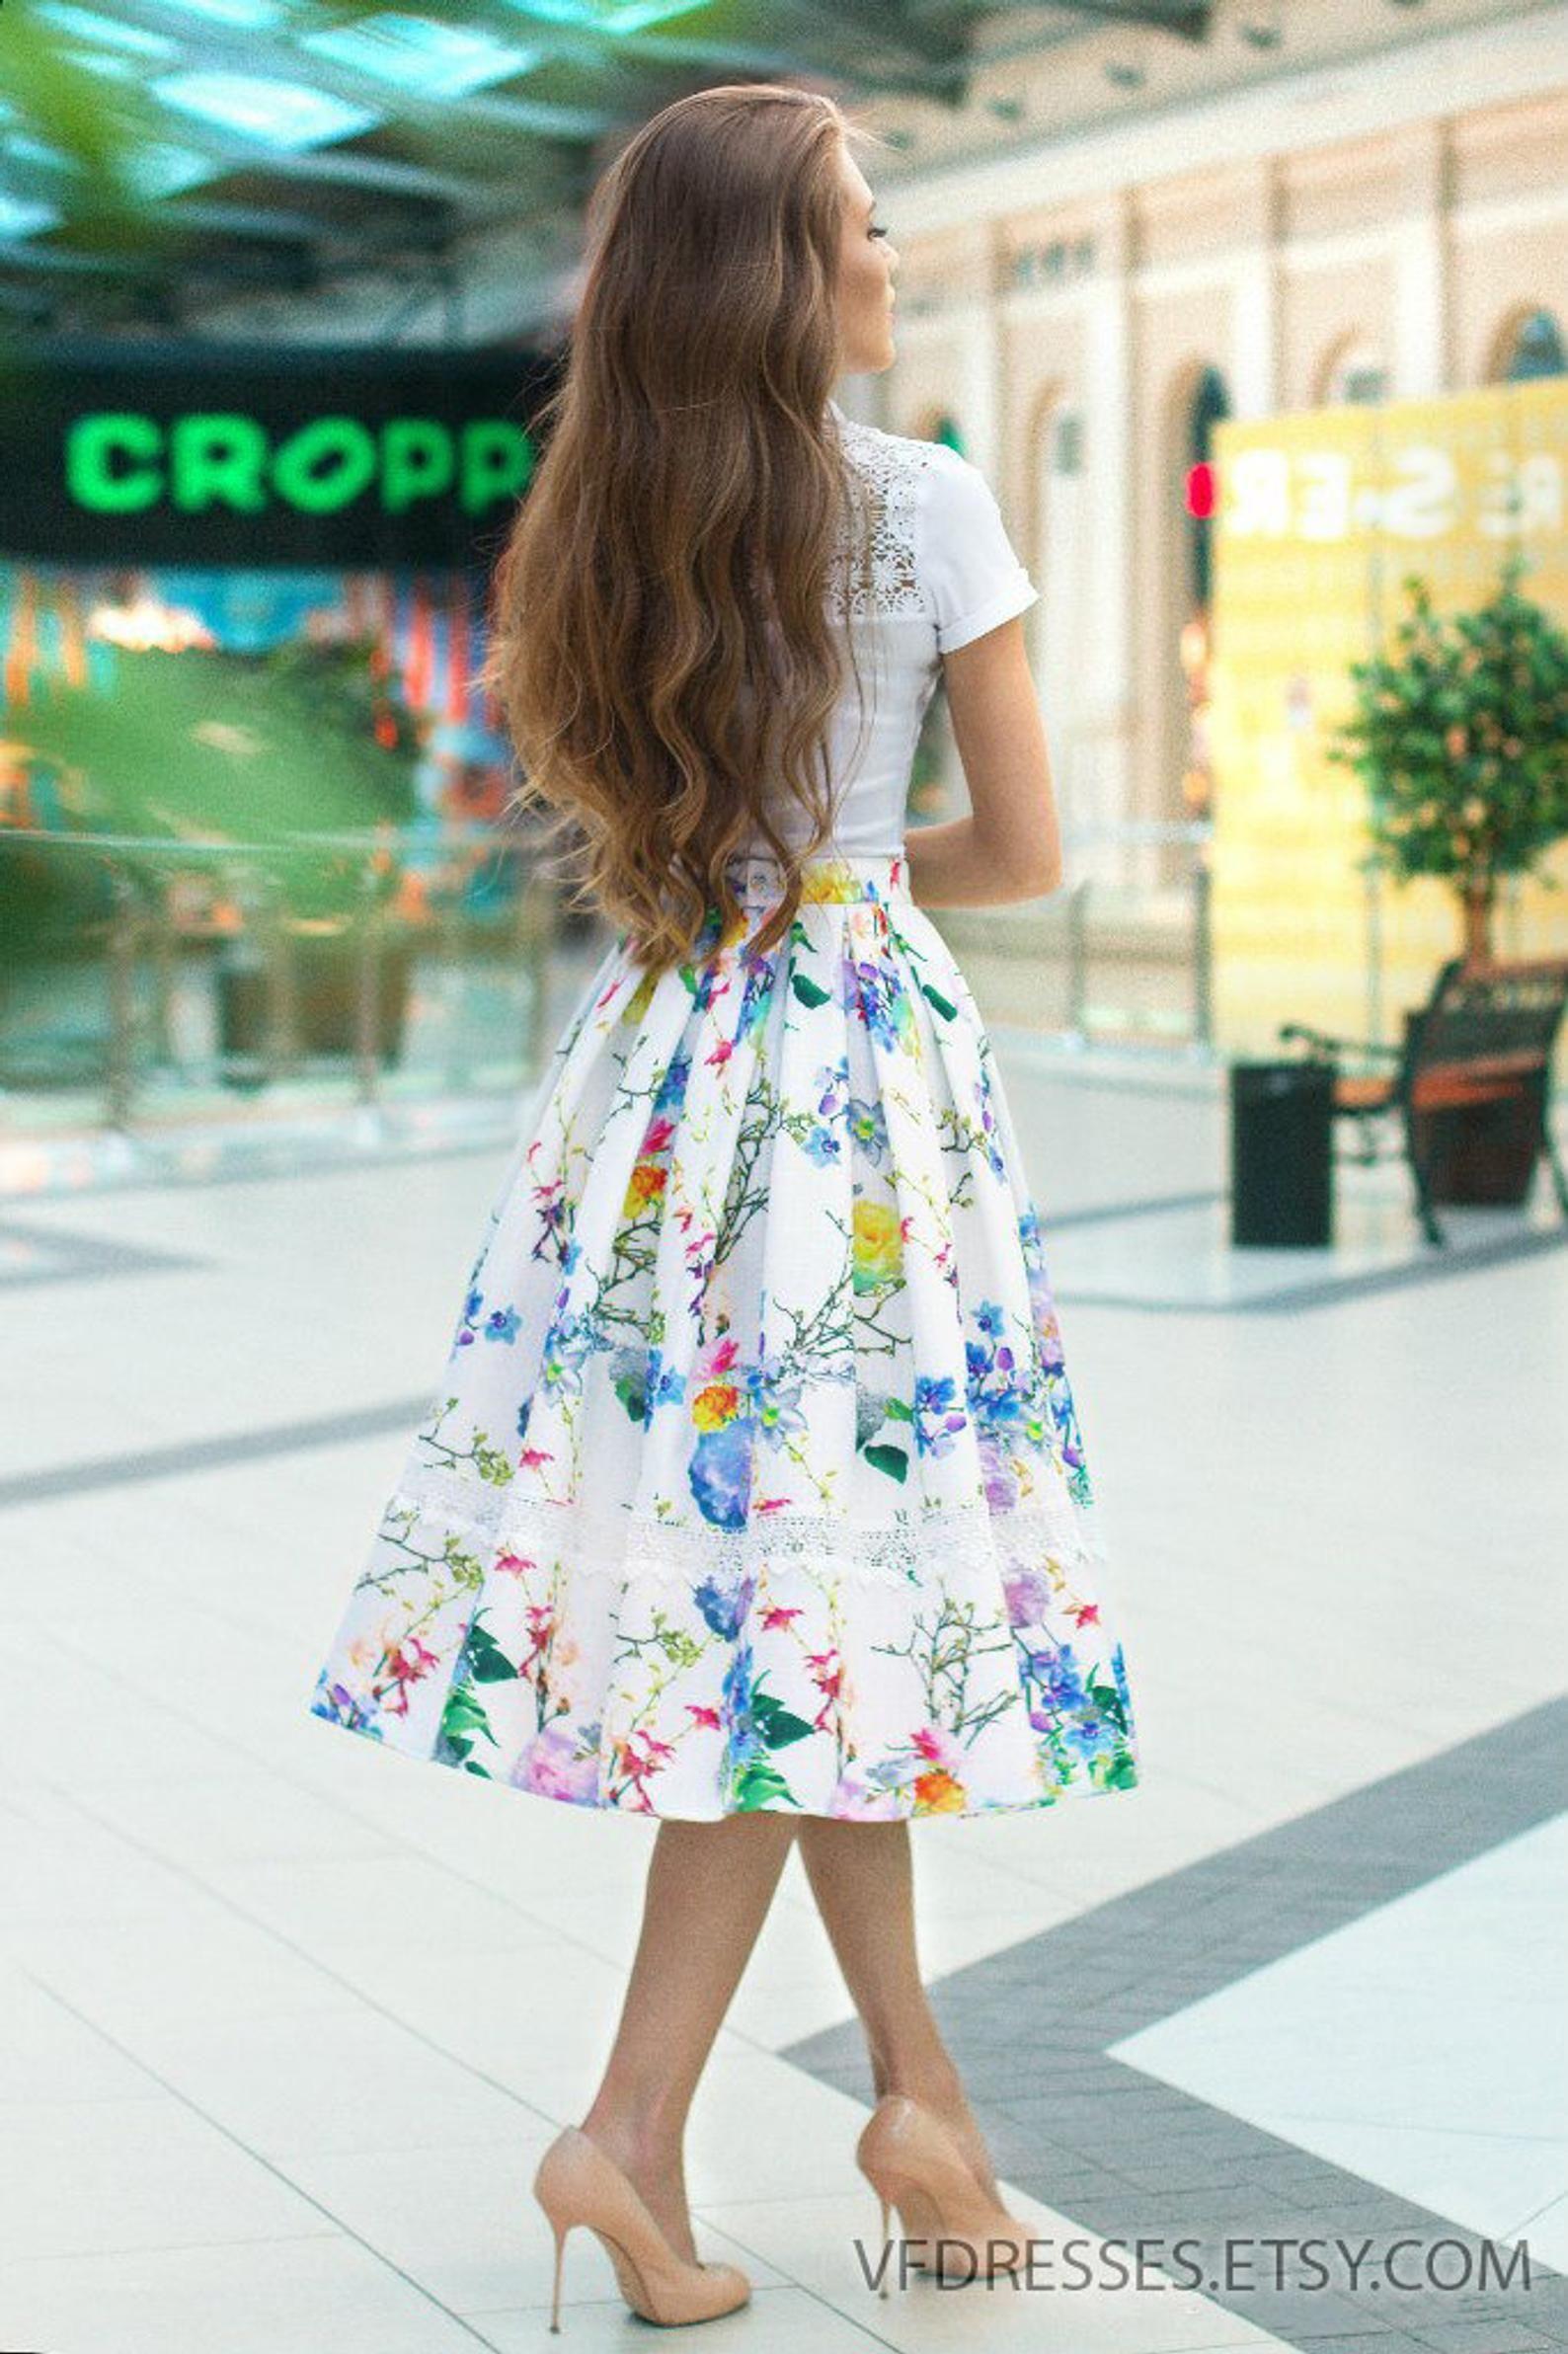 Pink Linen Skirt Summer Midi Skirt Long Skirt Circle Skirt Etsy In 2021 Floral Skirt Outfits Floral Skirt Short Circle Skirt Dress [ 2384 x 1588 Pixel ]